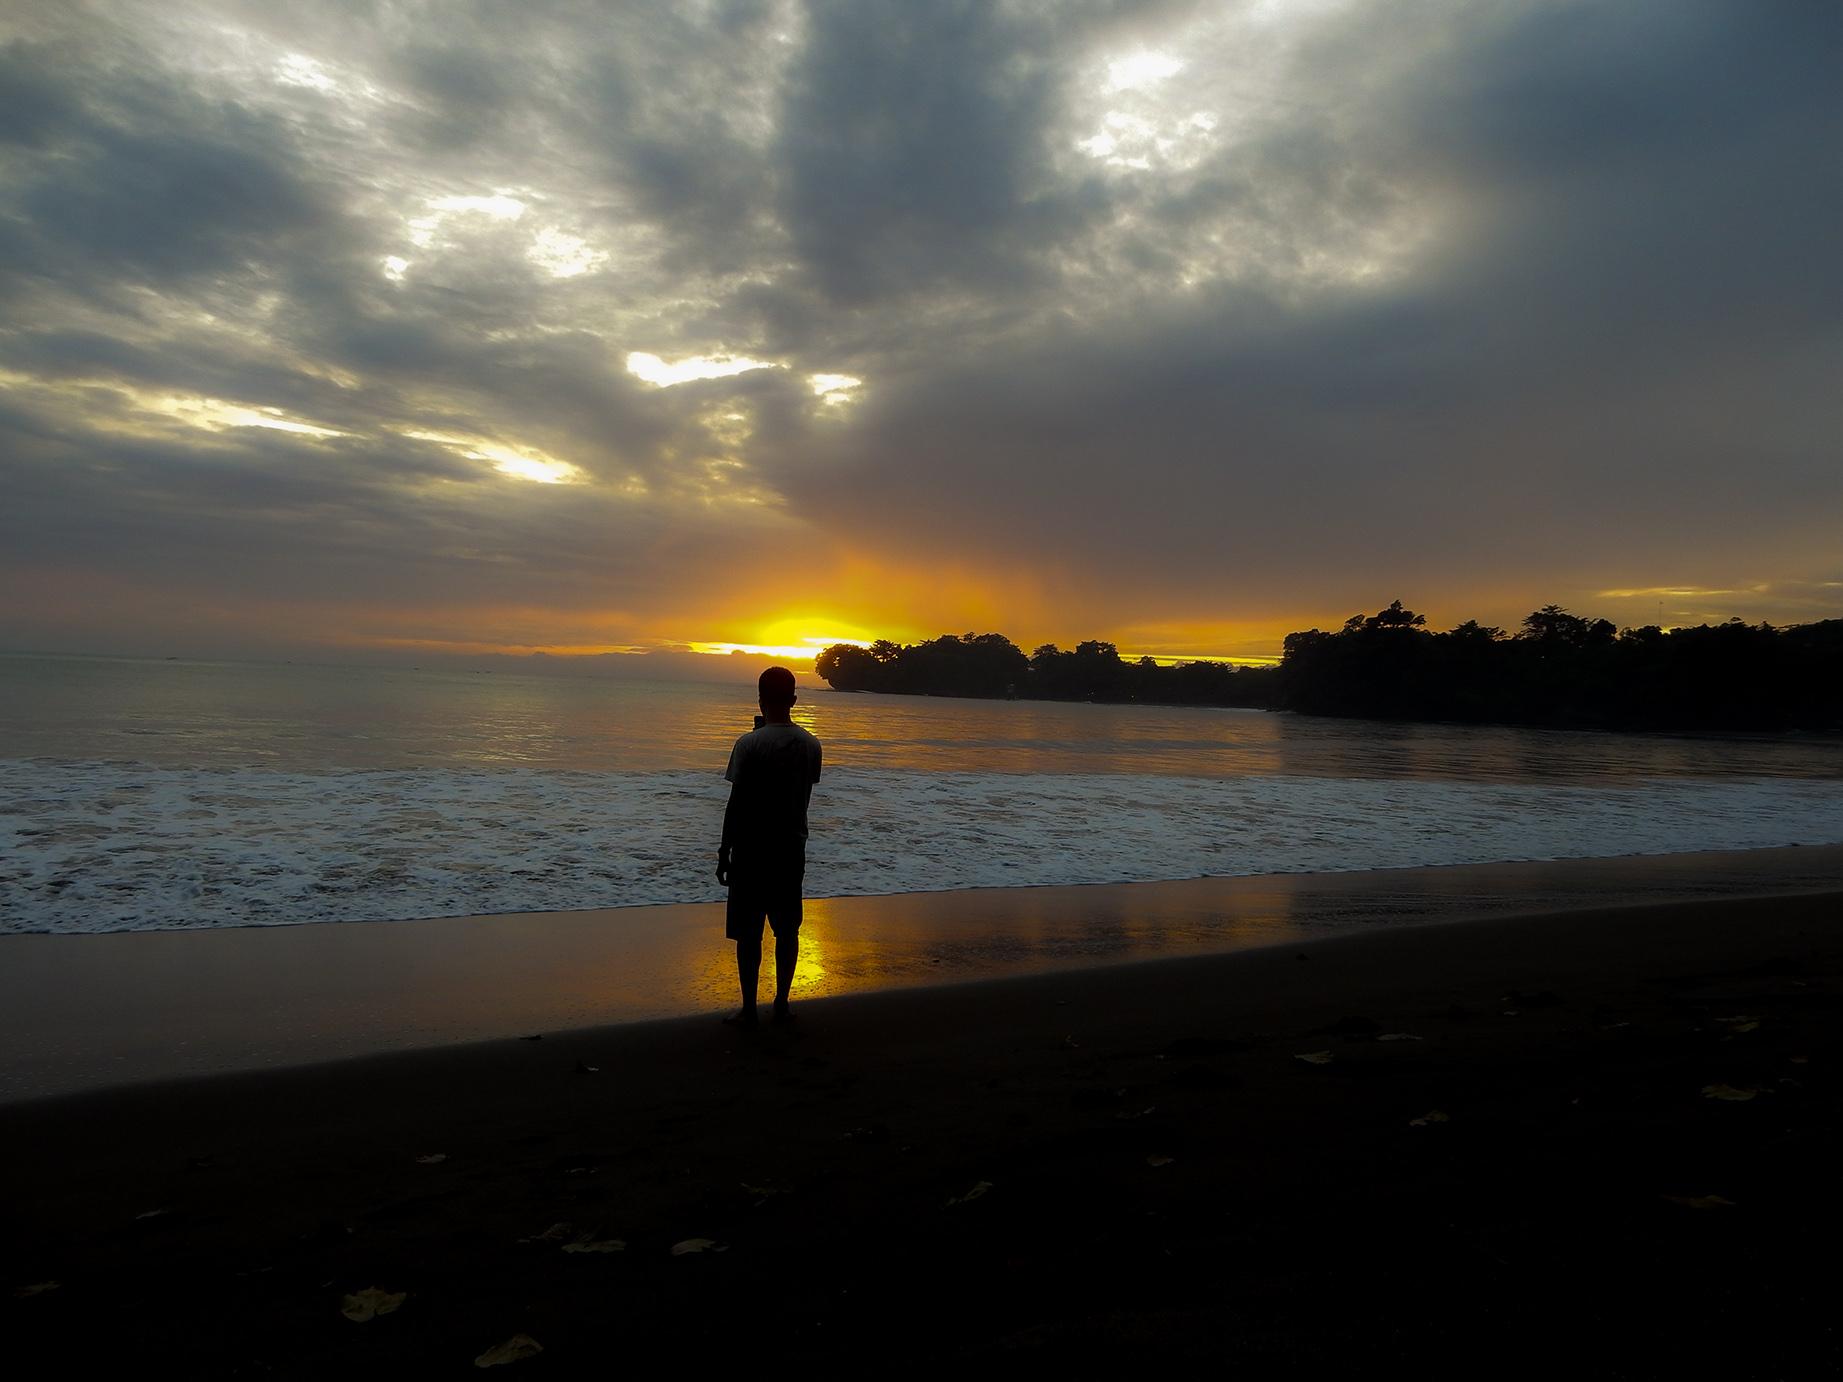 sunrise di batukaras